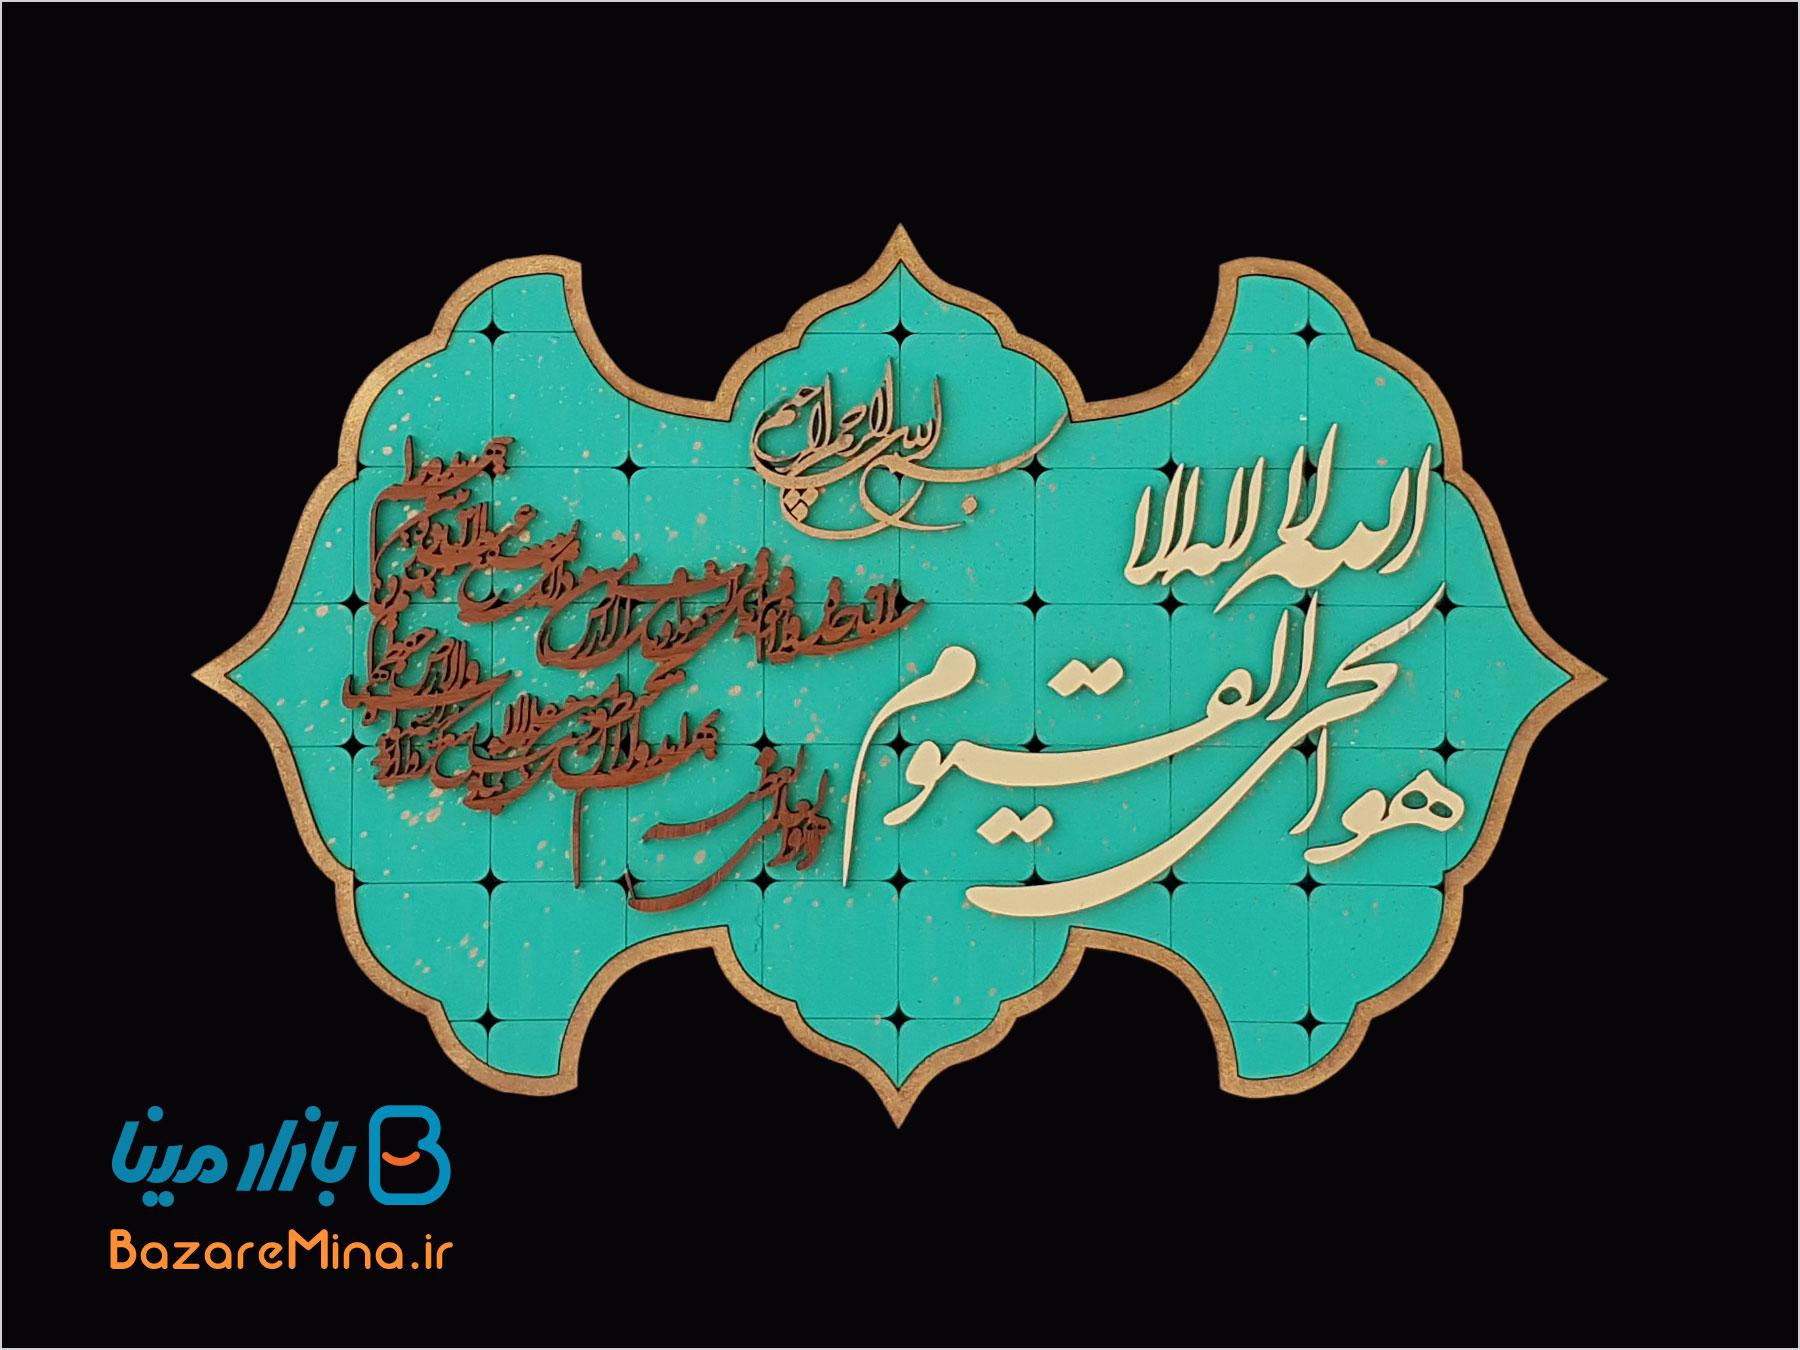 هدیه تبلیغاتی در تهران